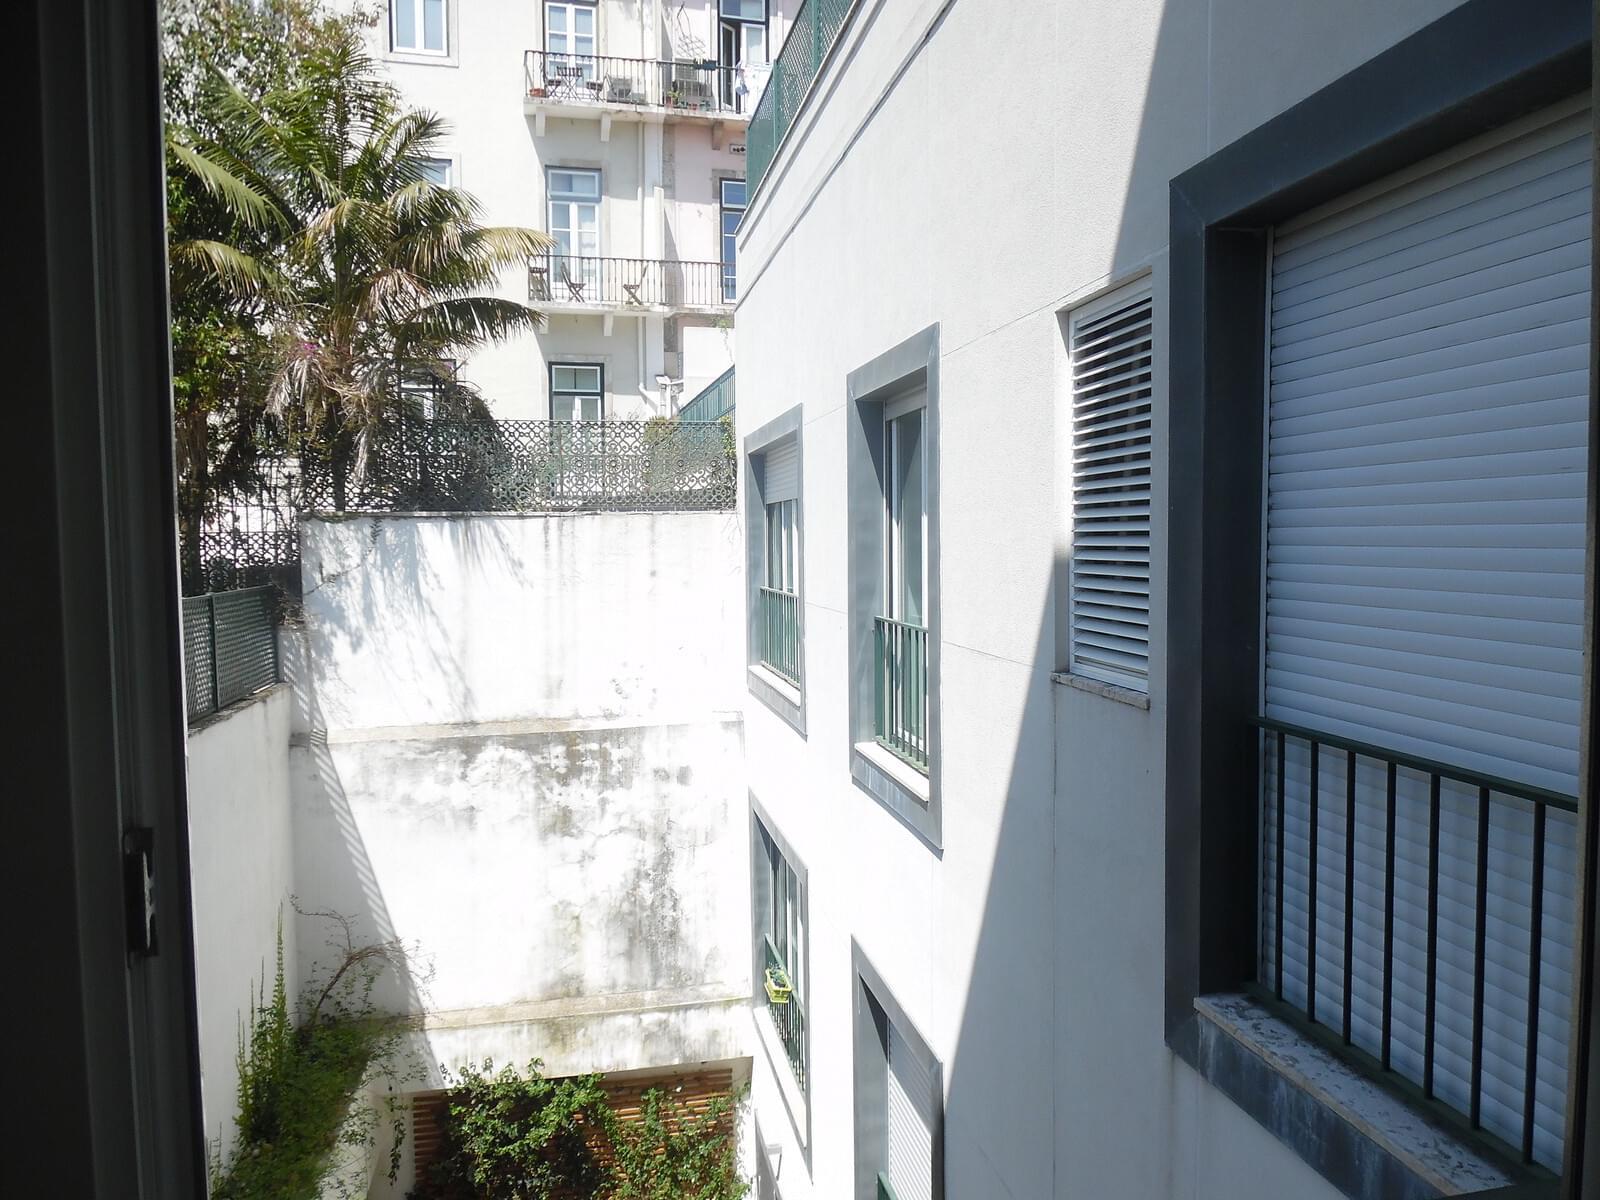 pf17454-apartamento-t4-lisboa-2f2584c6-a197-4215-9027-8877c836c297